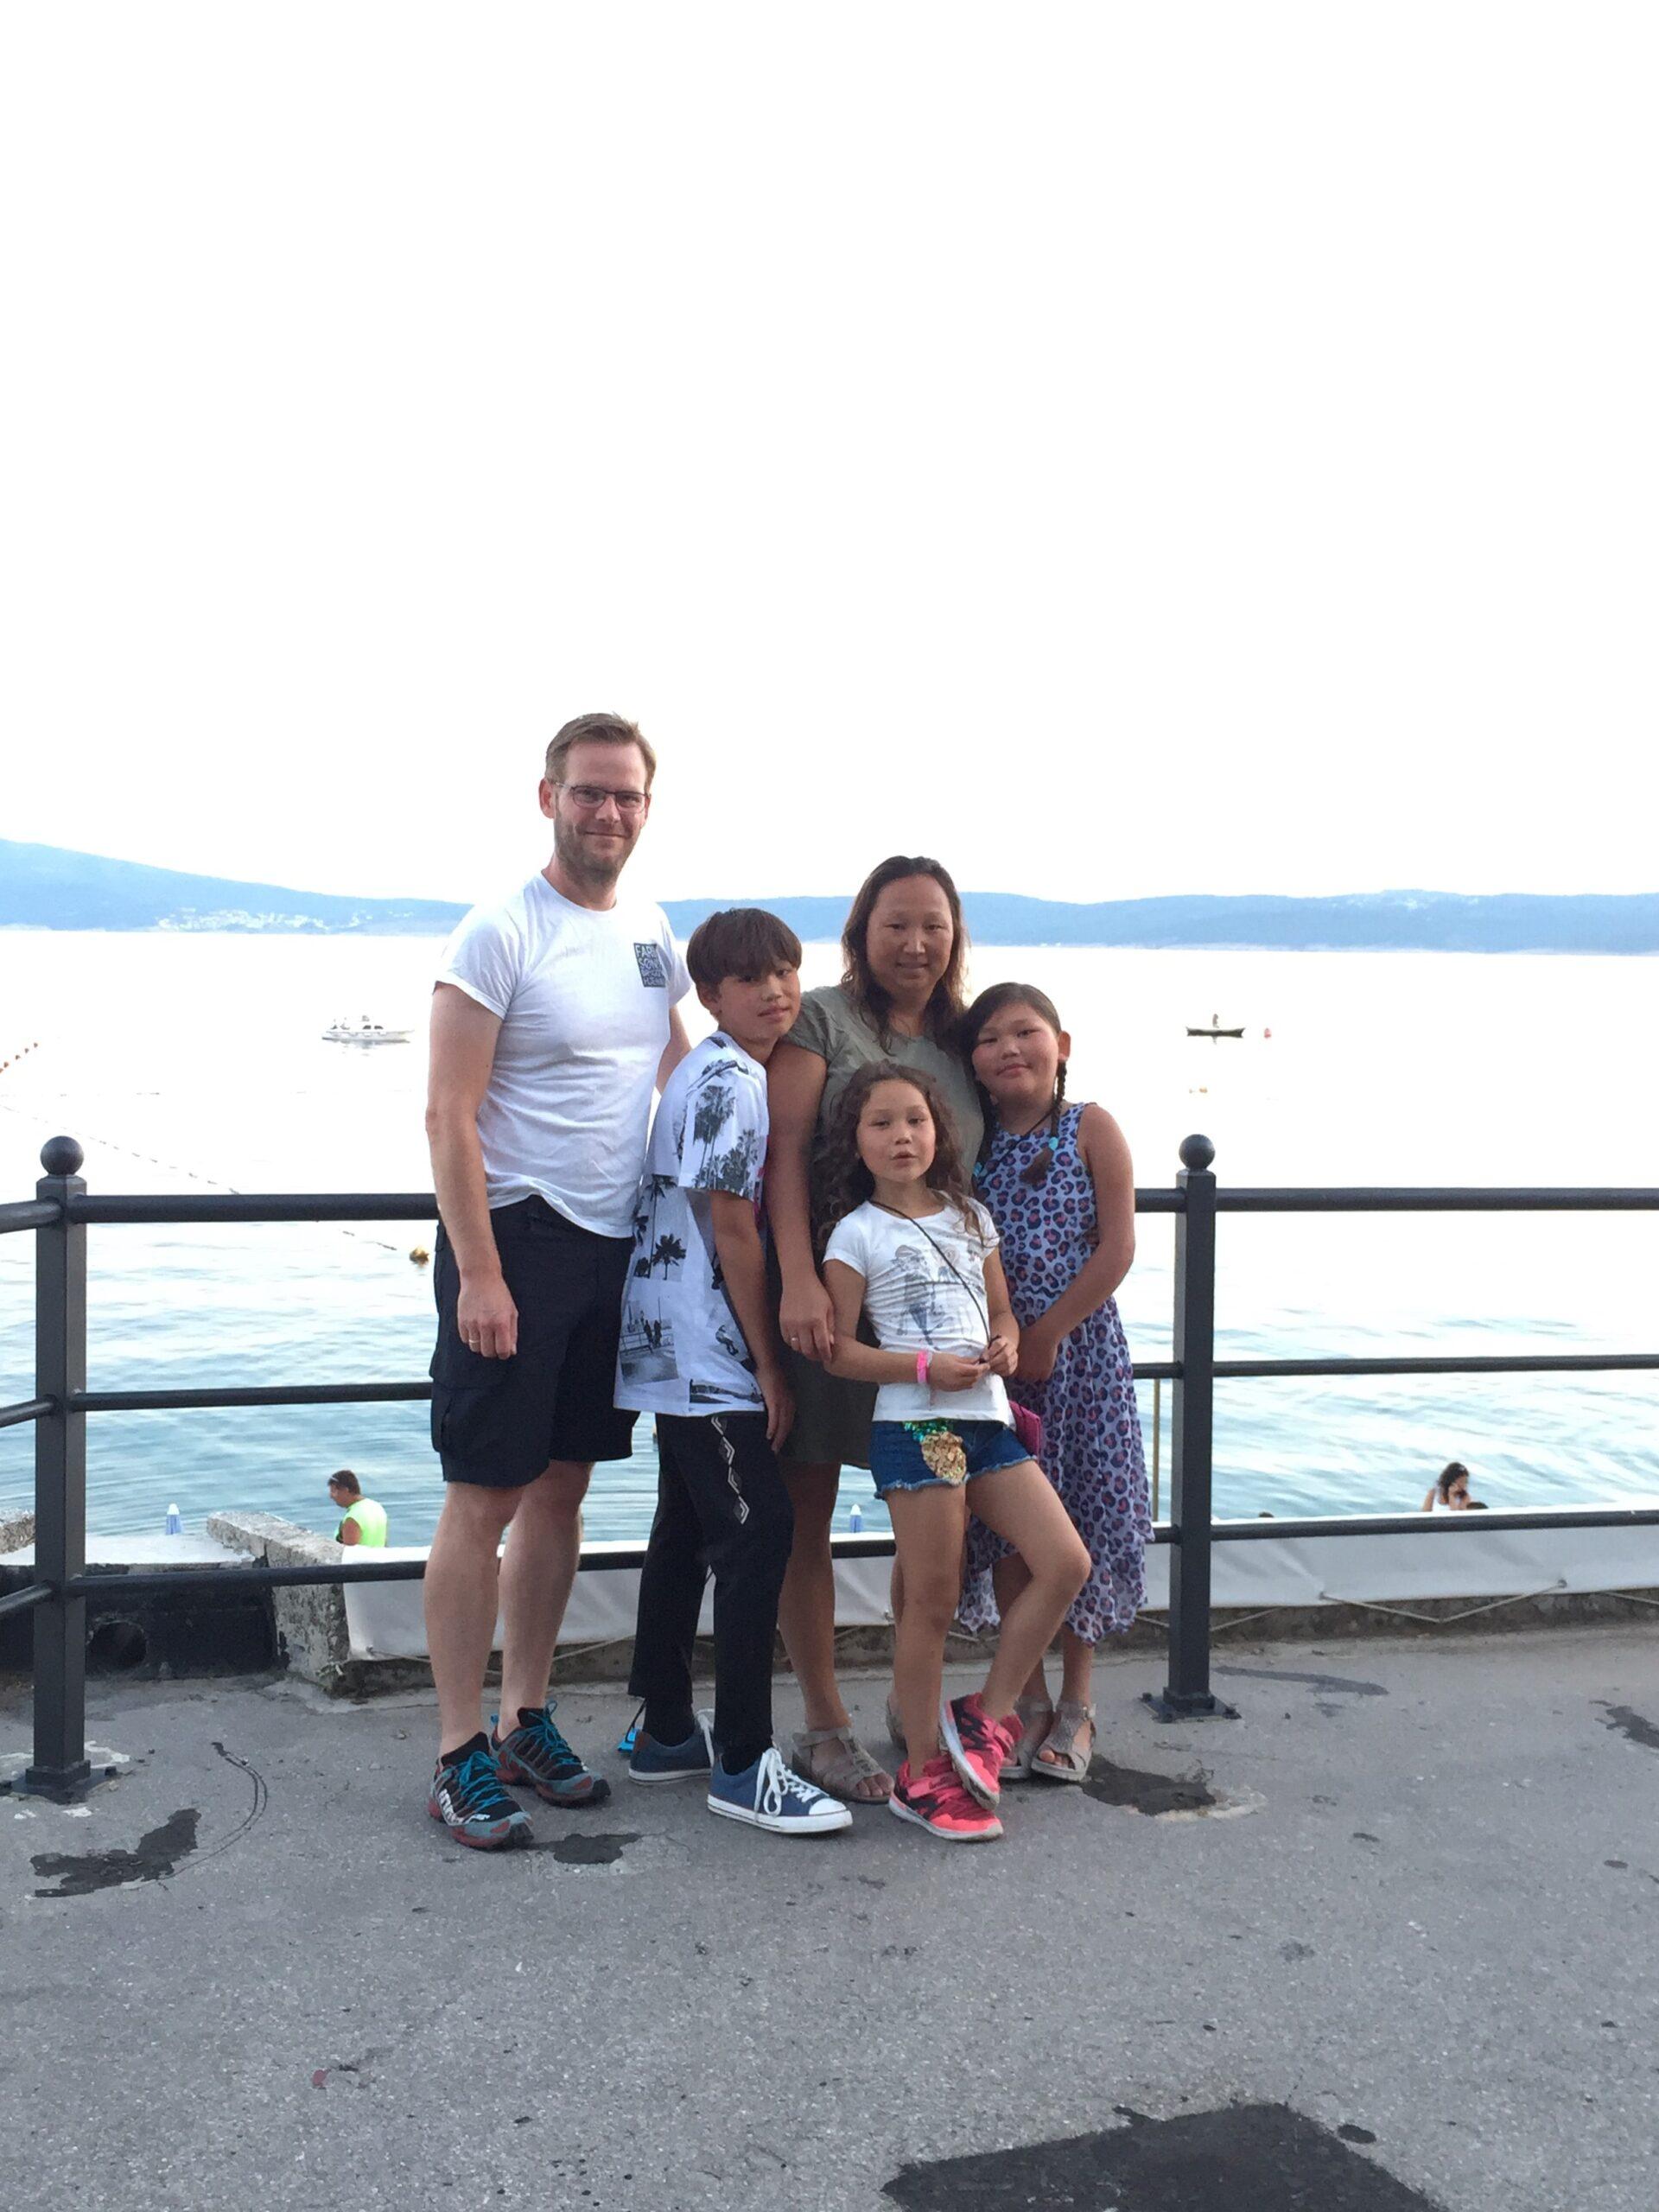 Bilde av BPA-koordinator Elisabeth Lillegrend sammen med sin ektemann, sønn og to døtre. De står alle samlet foran et gelender. I bakgrunnen skimtes hav og fjellformasjoner.